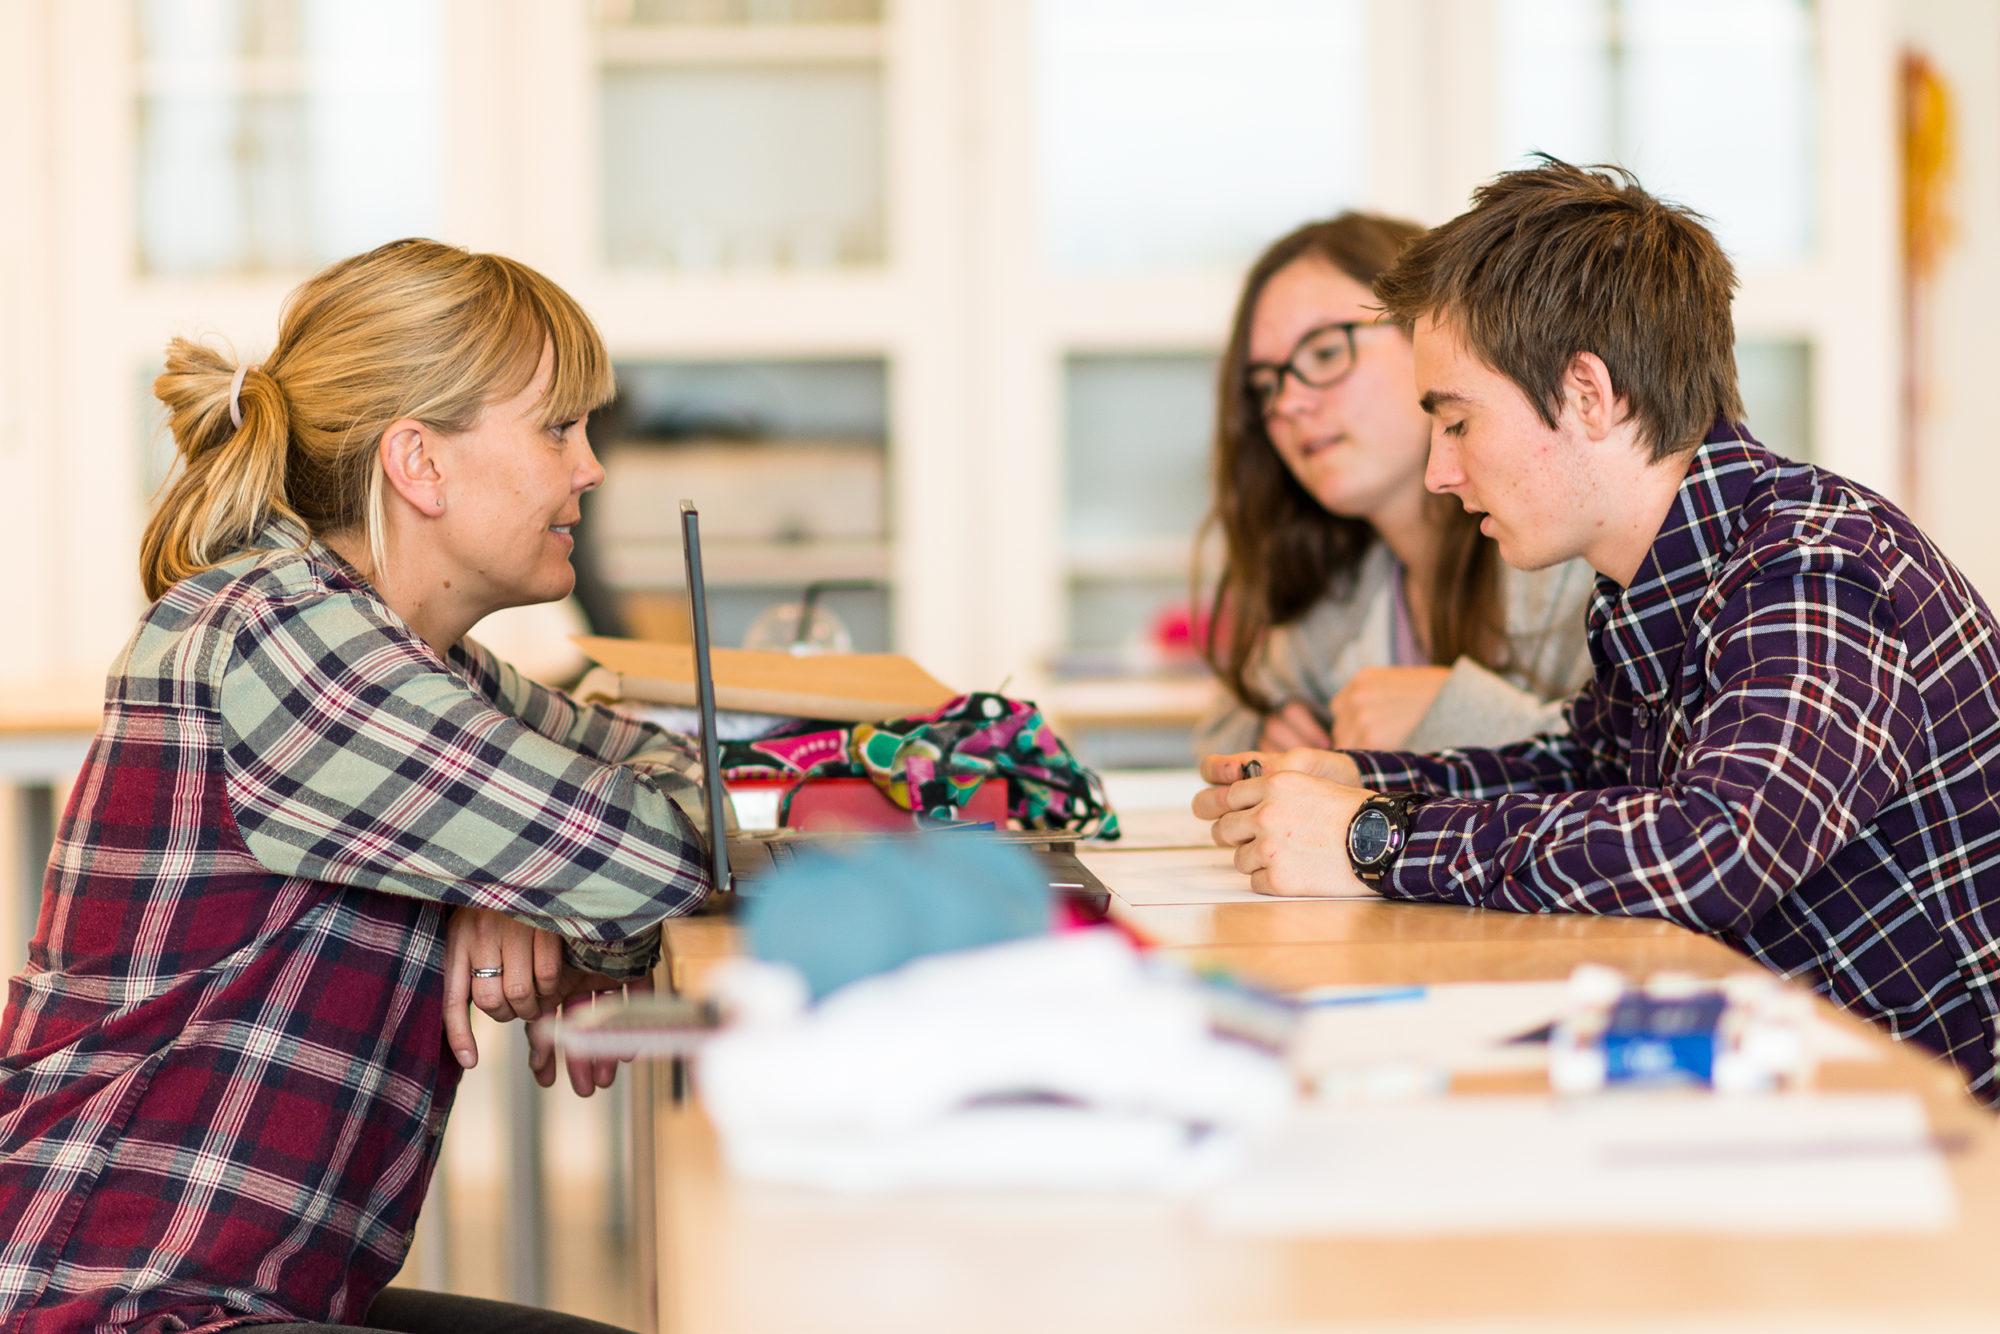 Lærer i samtale med elev